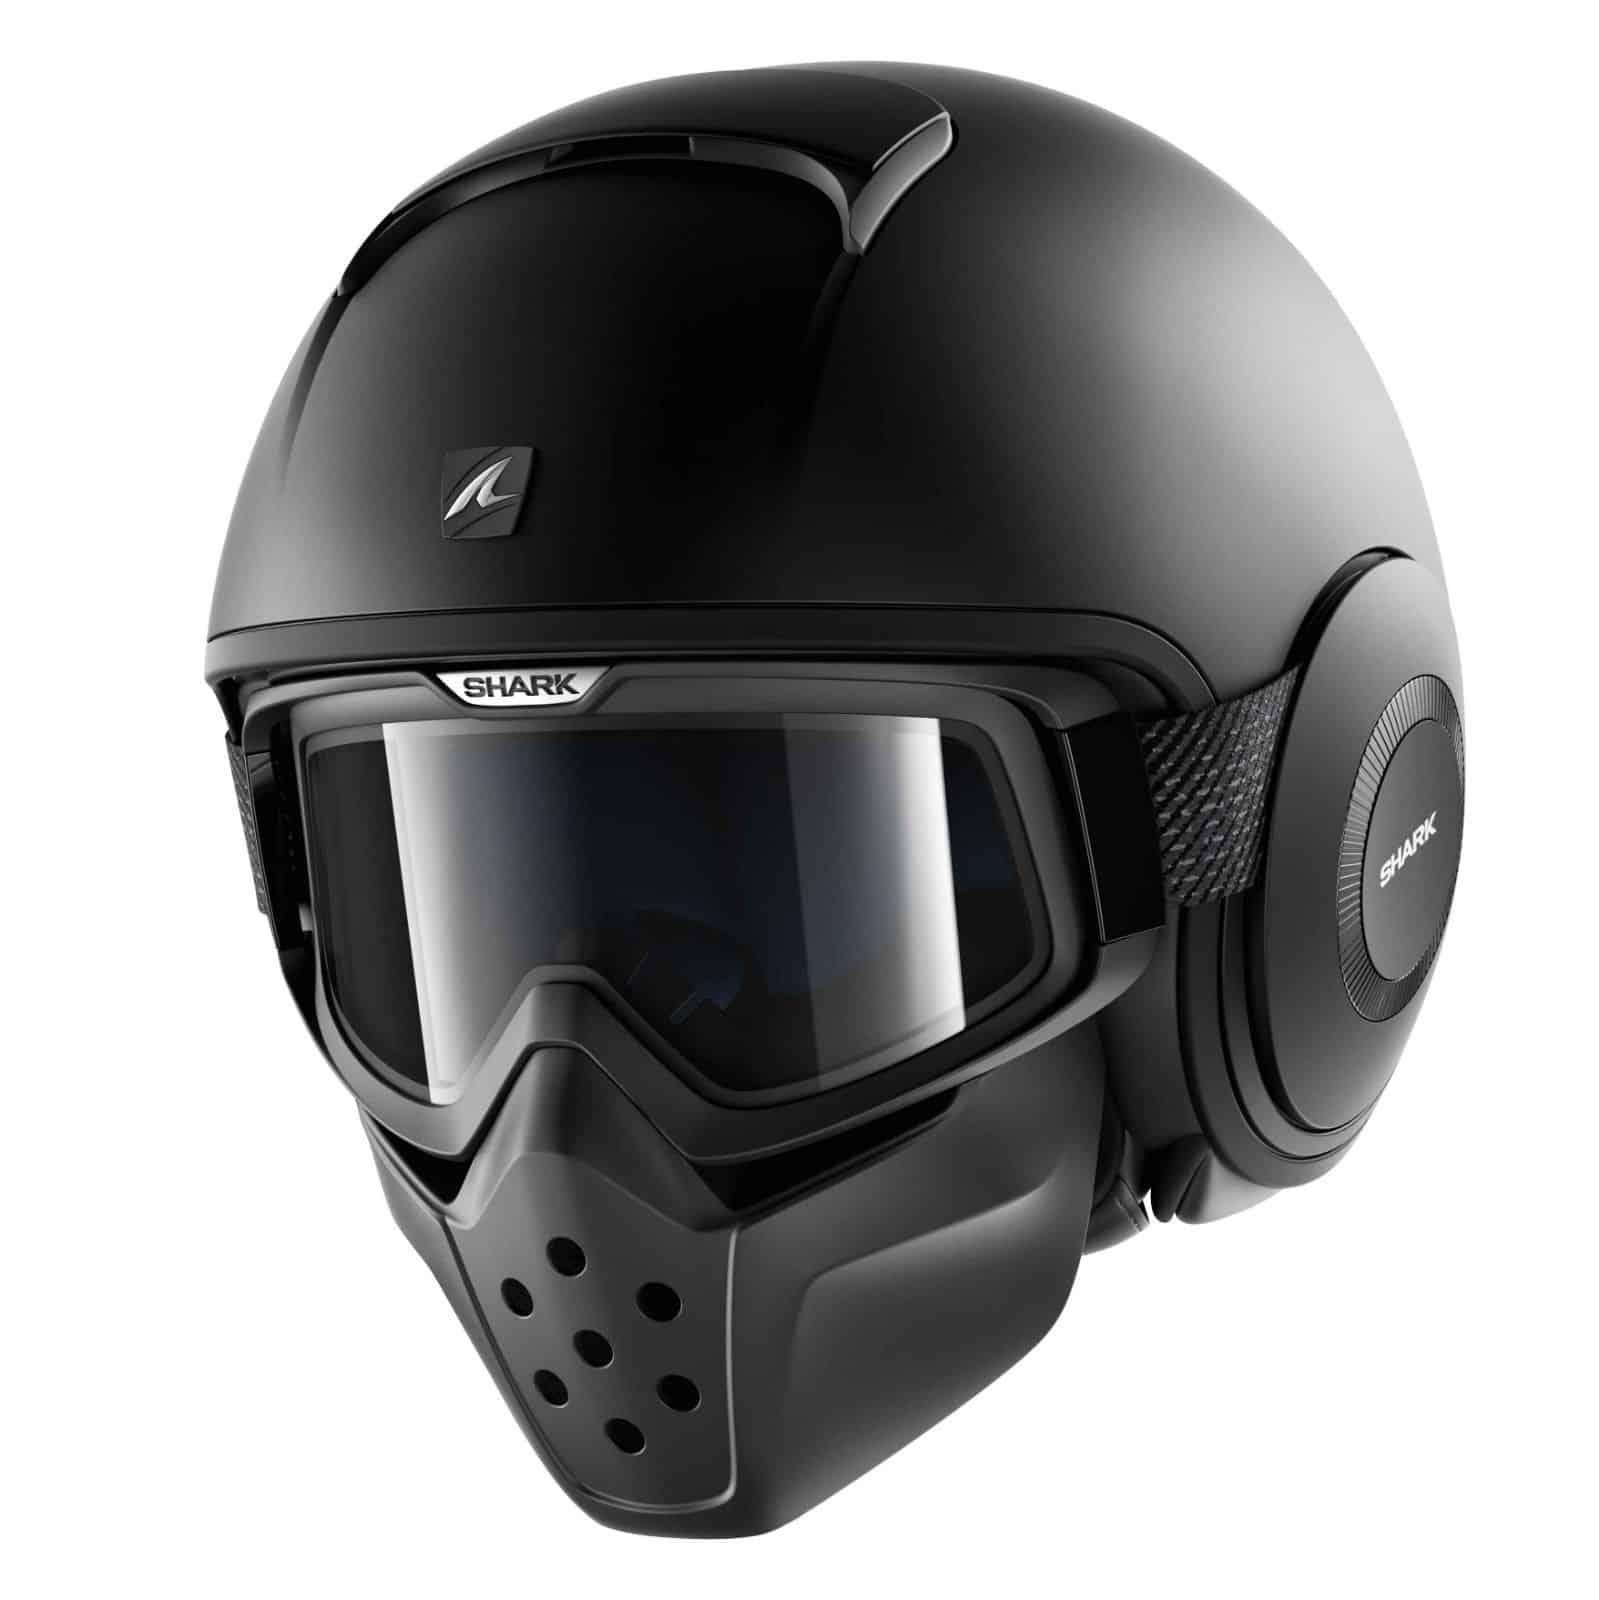 Shark Drak Blank Mat Black Helmet